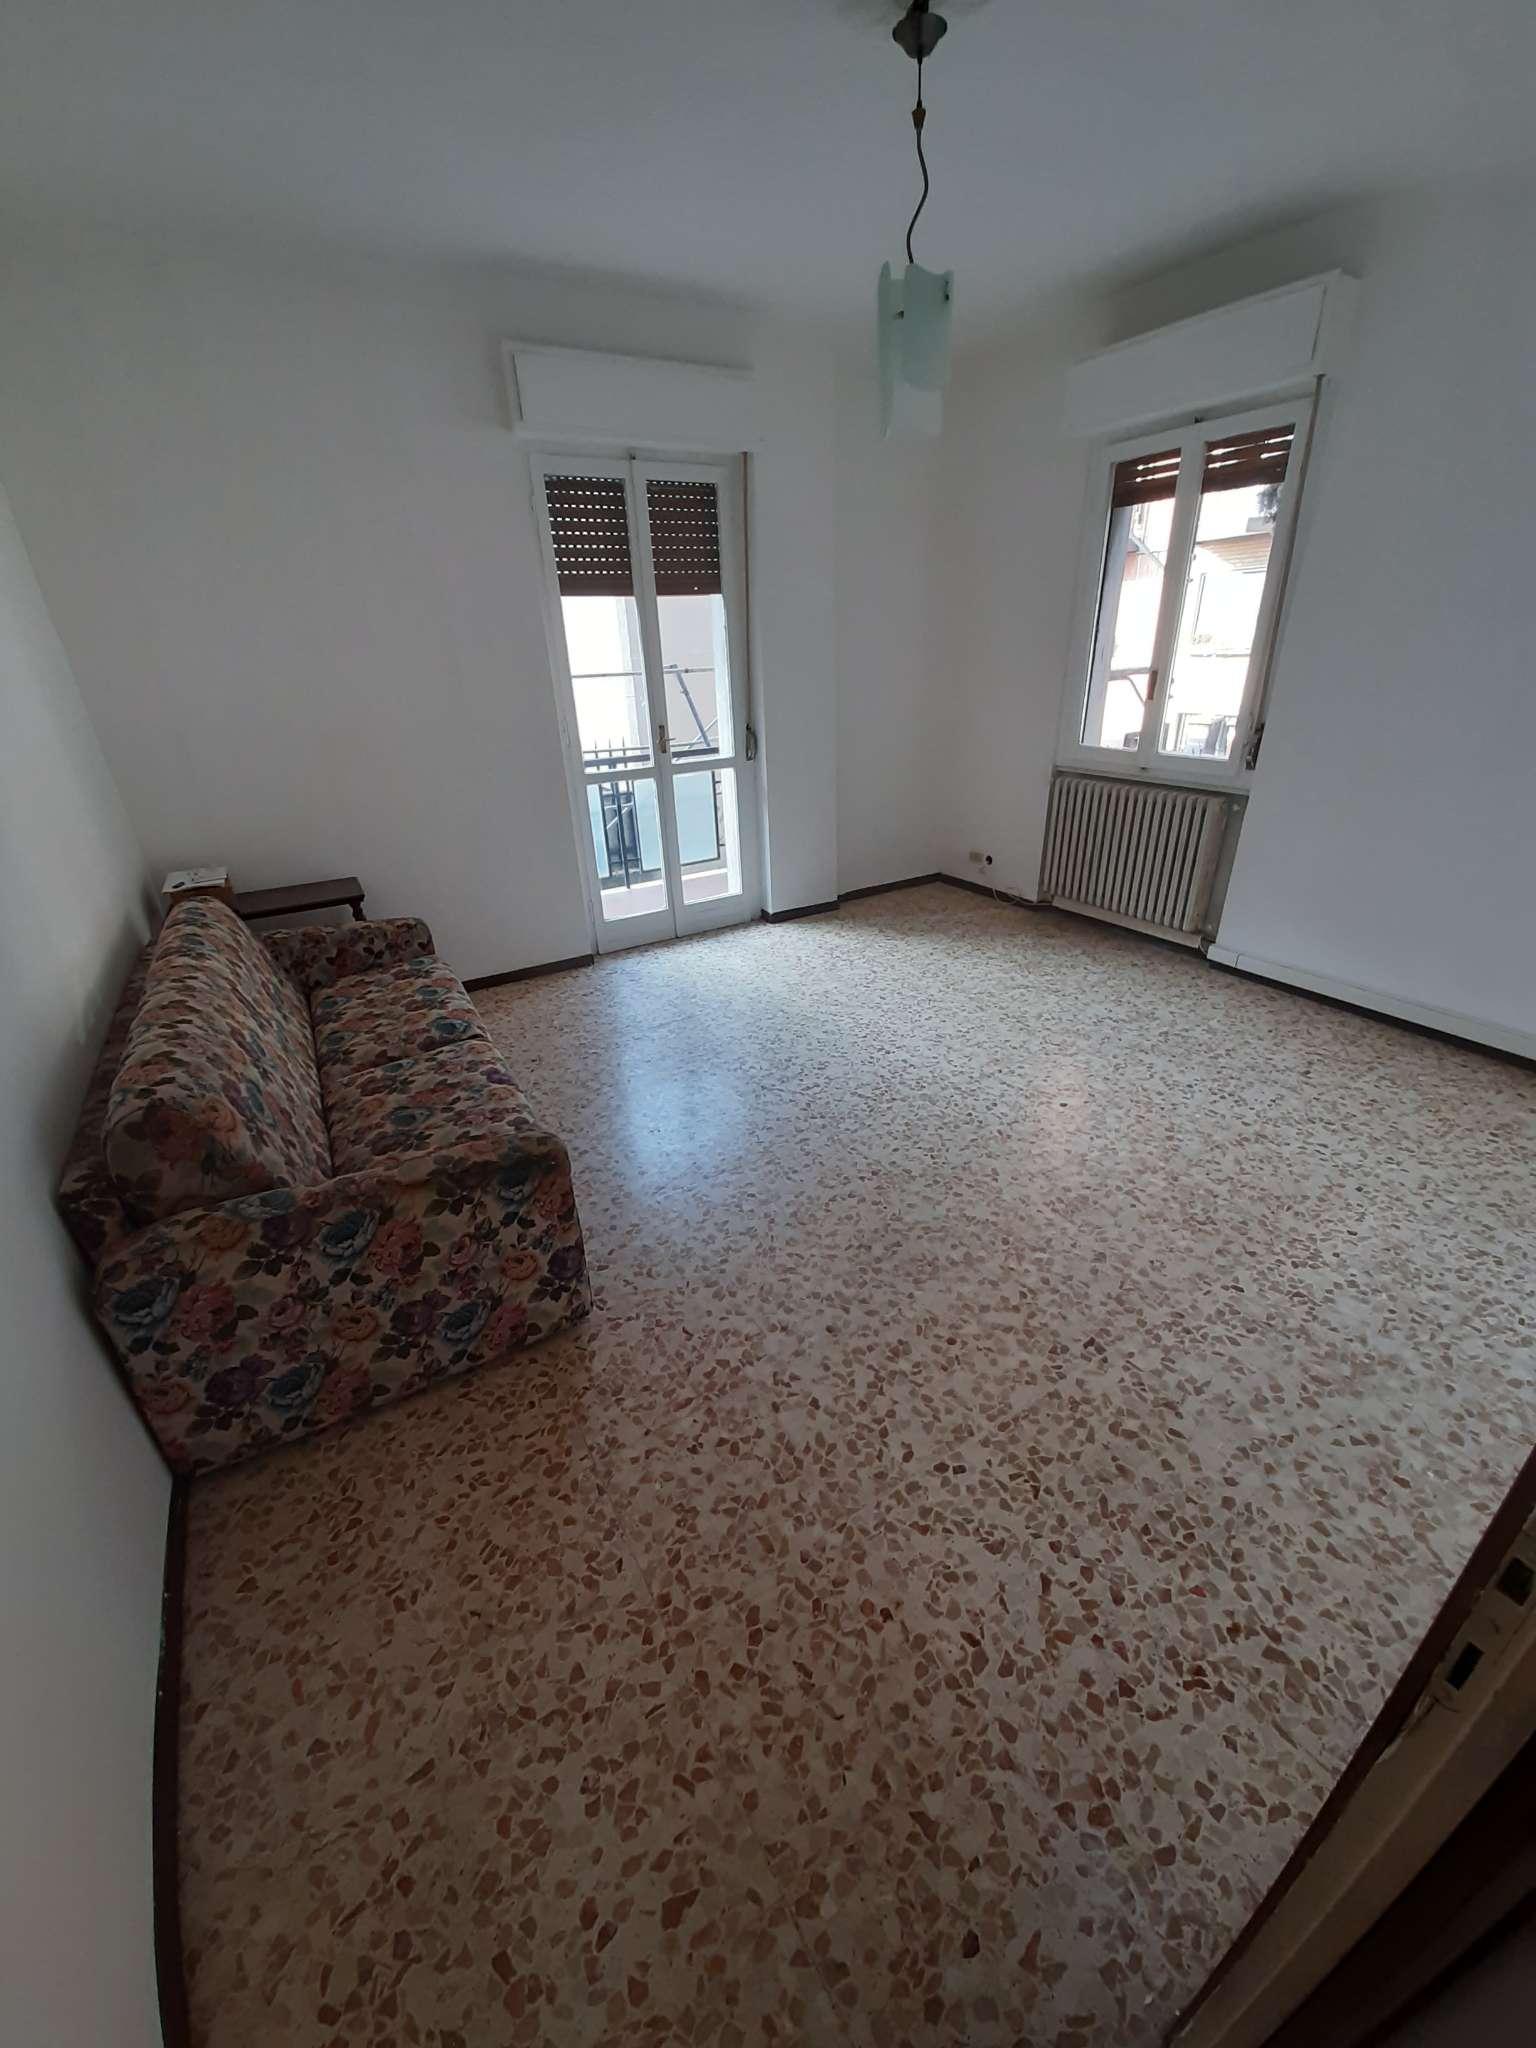 Appartamento in vendita a Rozzano, 1 locali, prezzo € 85.000 | CambioCasa.it